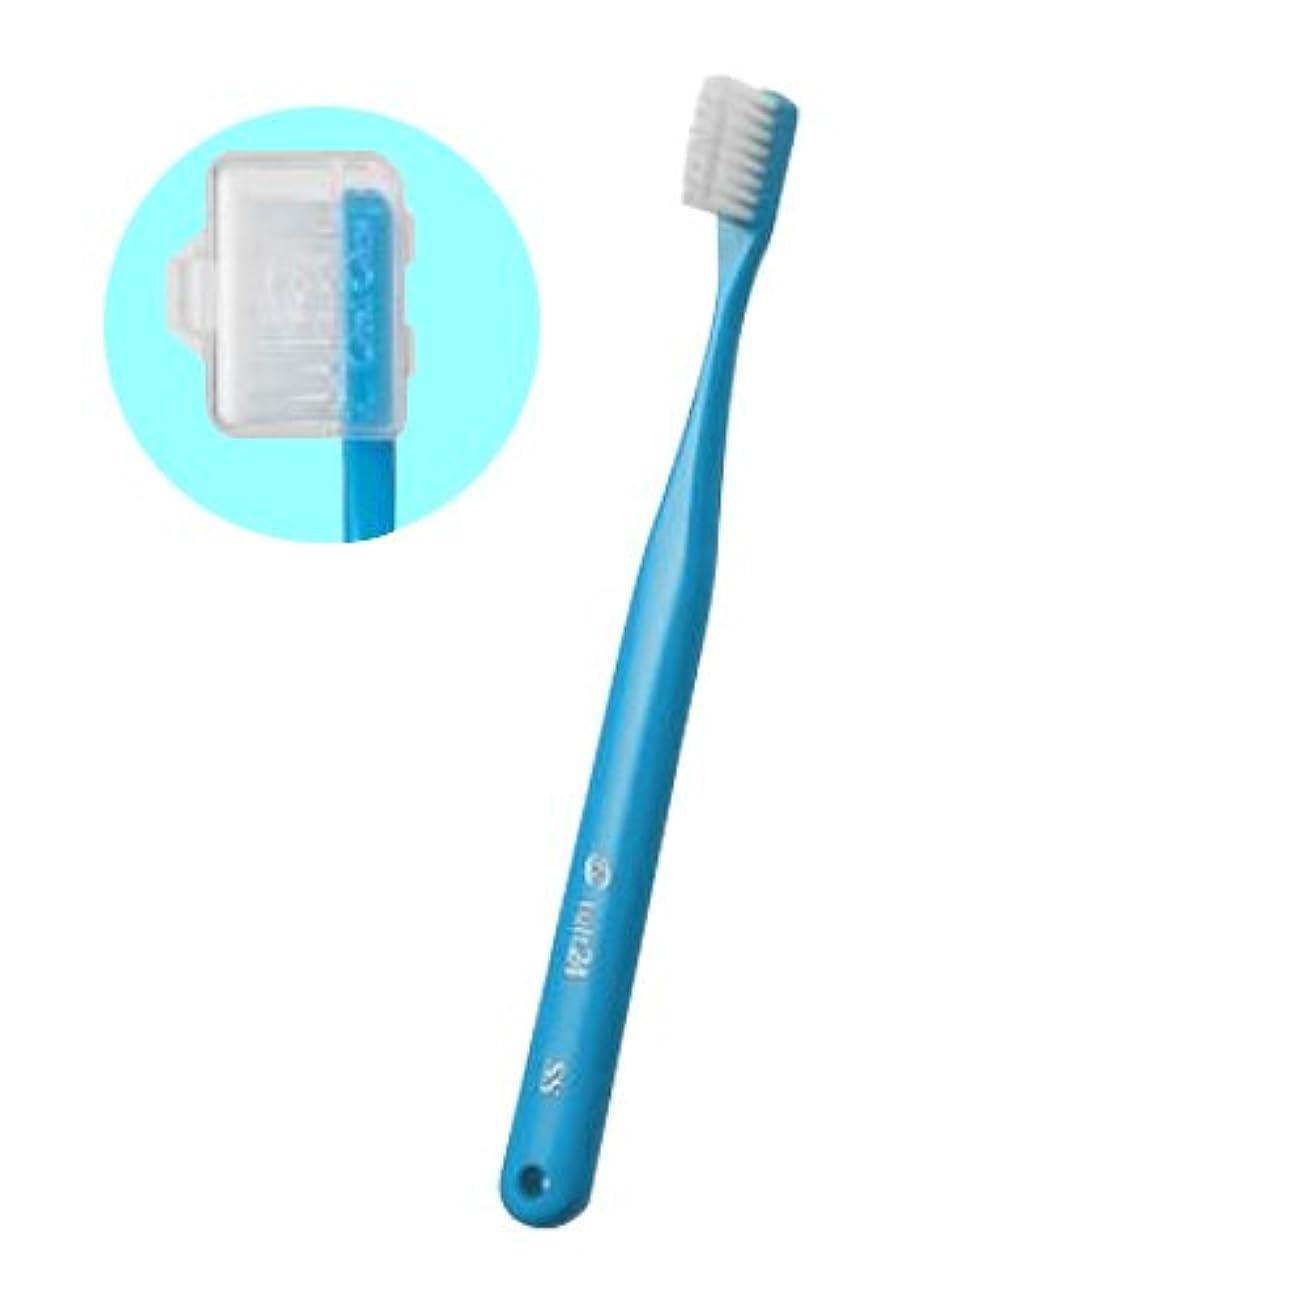 遮るトマト排泄物オーラルケア キャップ付き タフト 24 歯ブラシ エクストラスーパーソフト 1本 (ブルー)